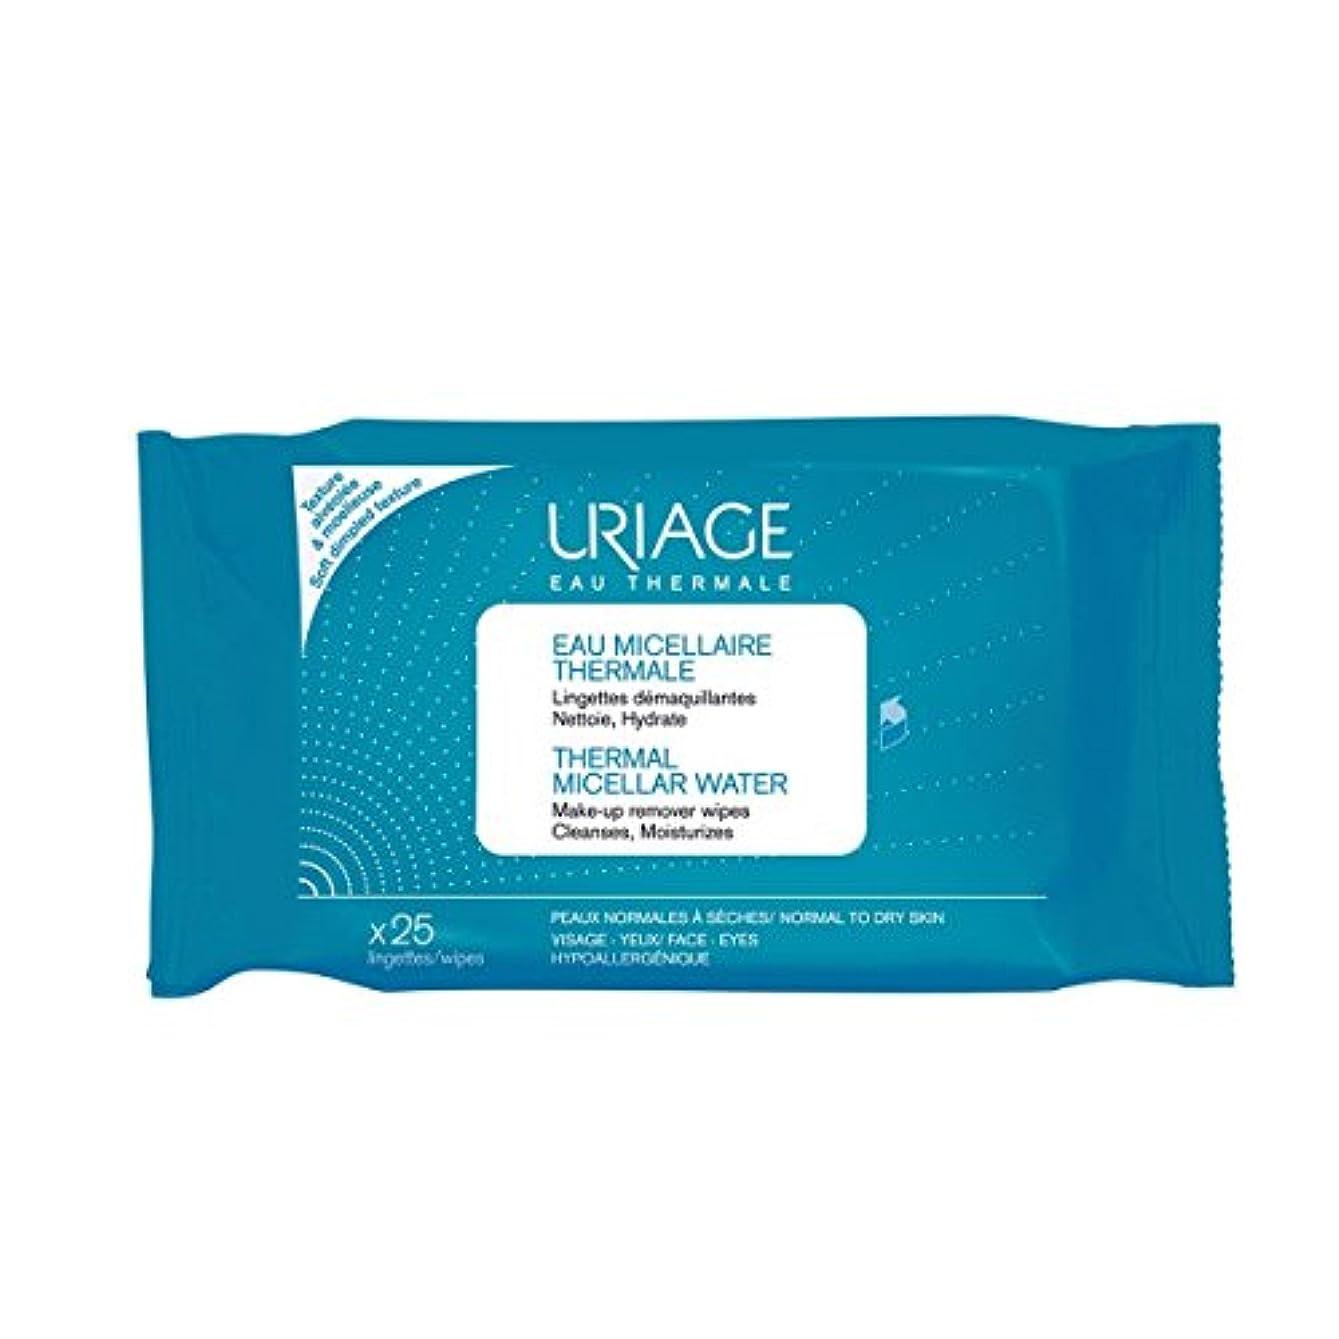 レモン雷雨ますますUriage Thermal Micellar Water Make-up Remover Wipes X25 [並行輸入品]